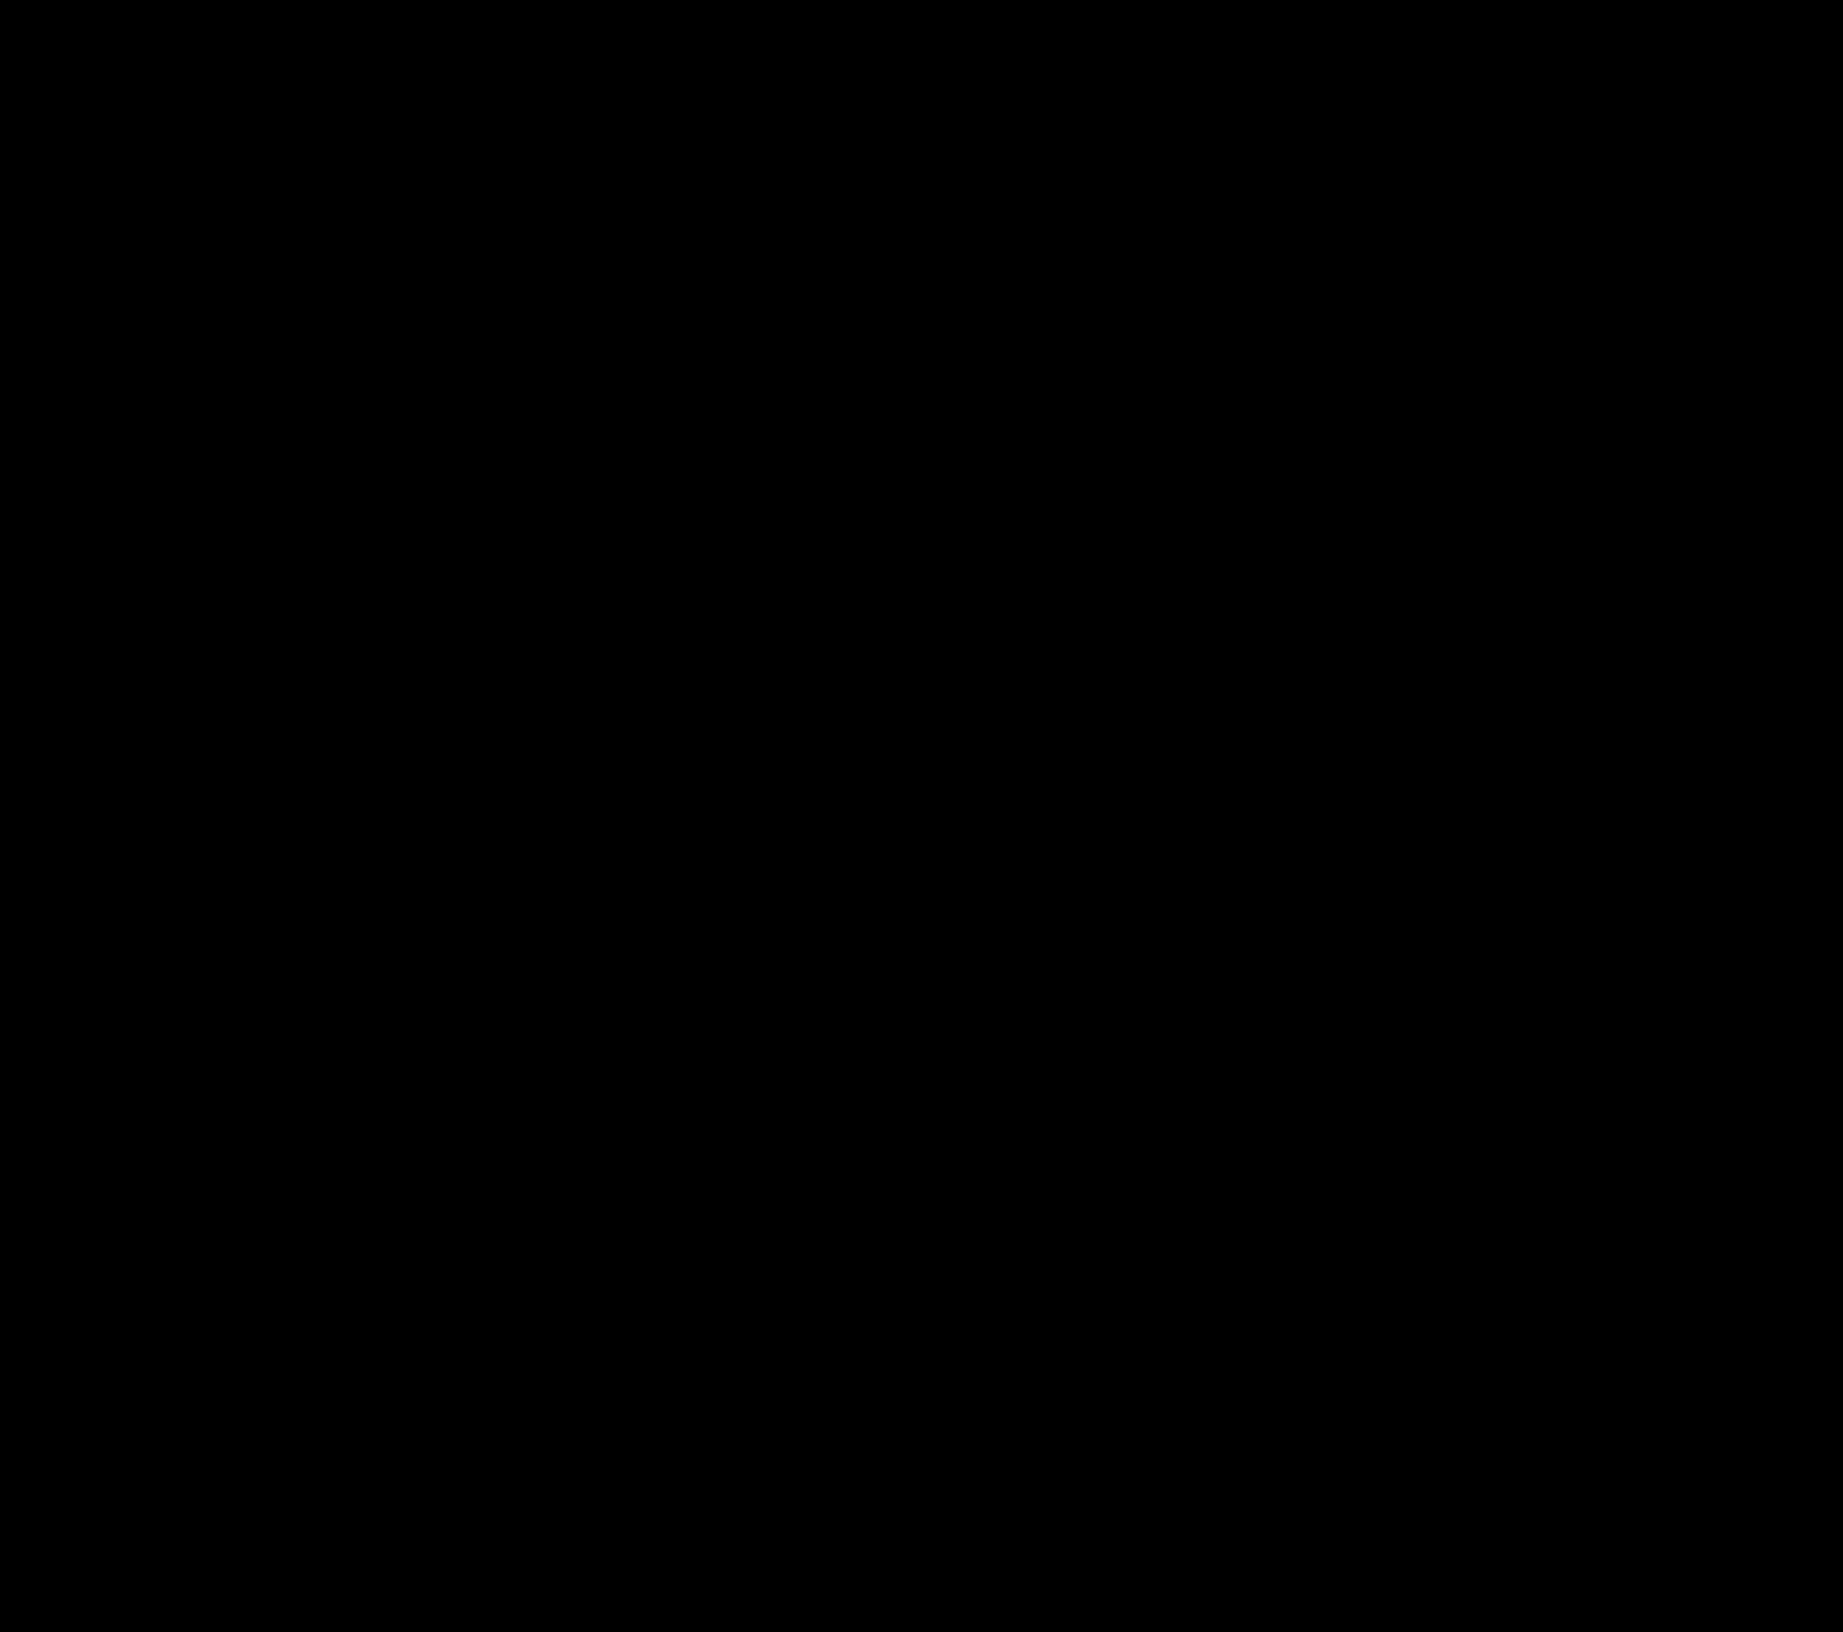 1843x1632 Bulldog Silhouette Clipart